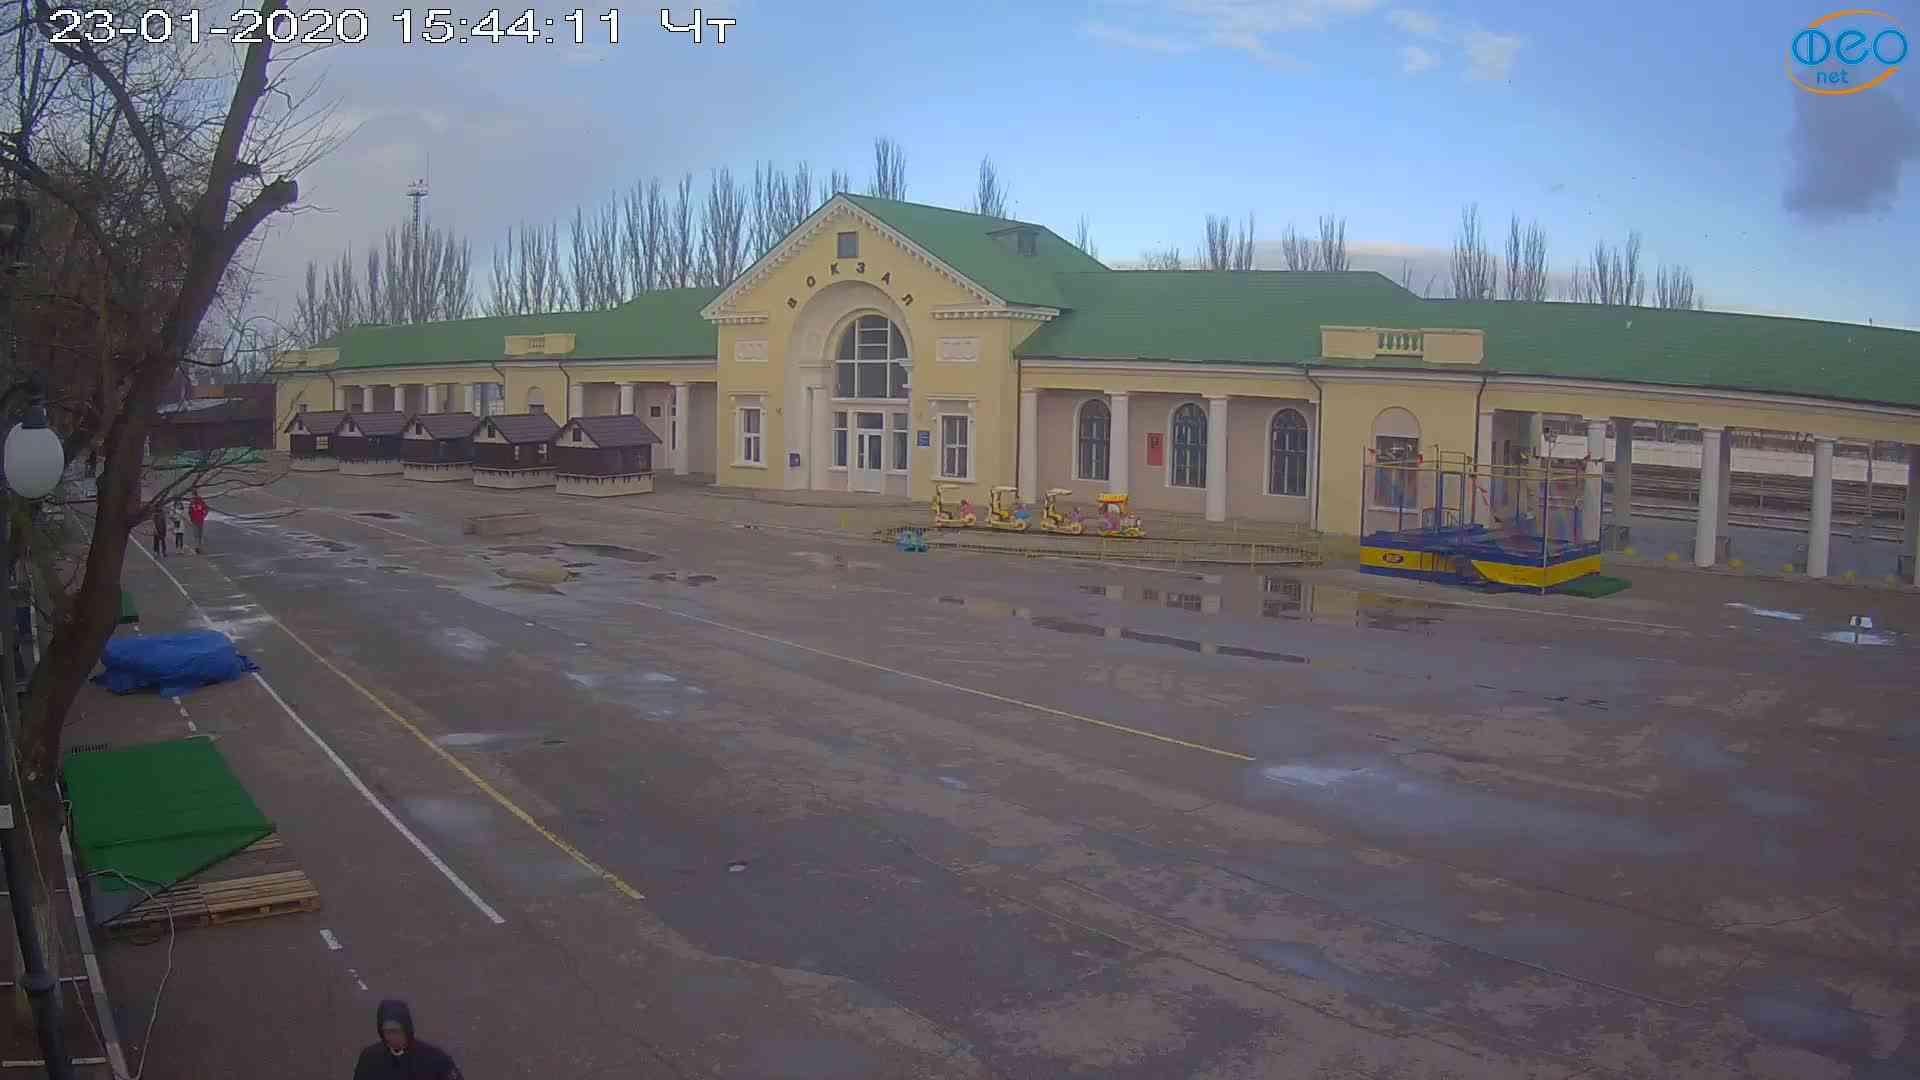 Веб-камеры Феодосии, Привокзальная площадь, 2020-01-23 15:45:12